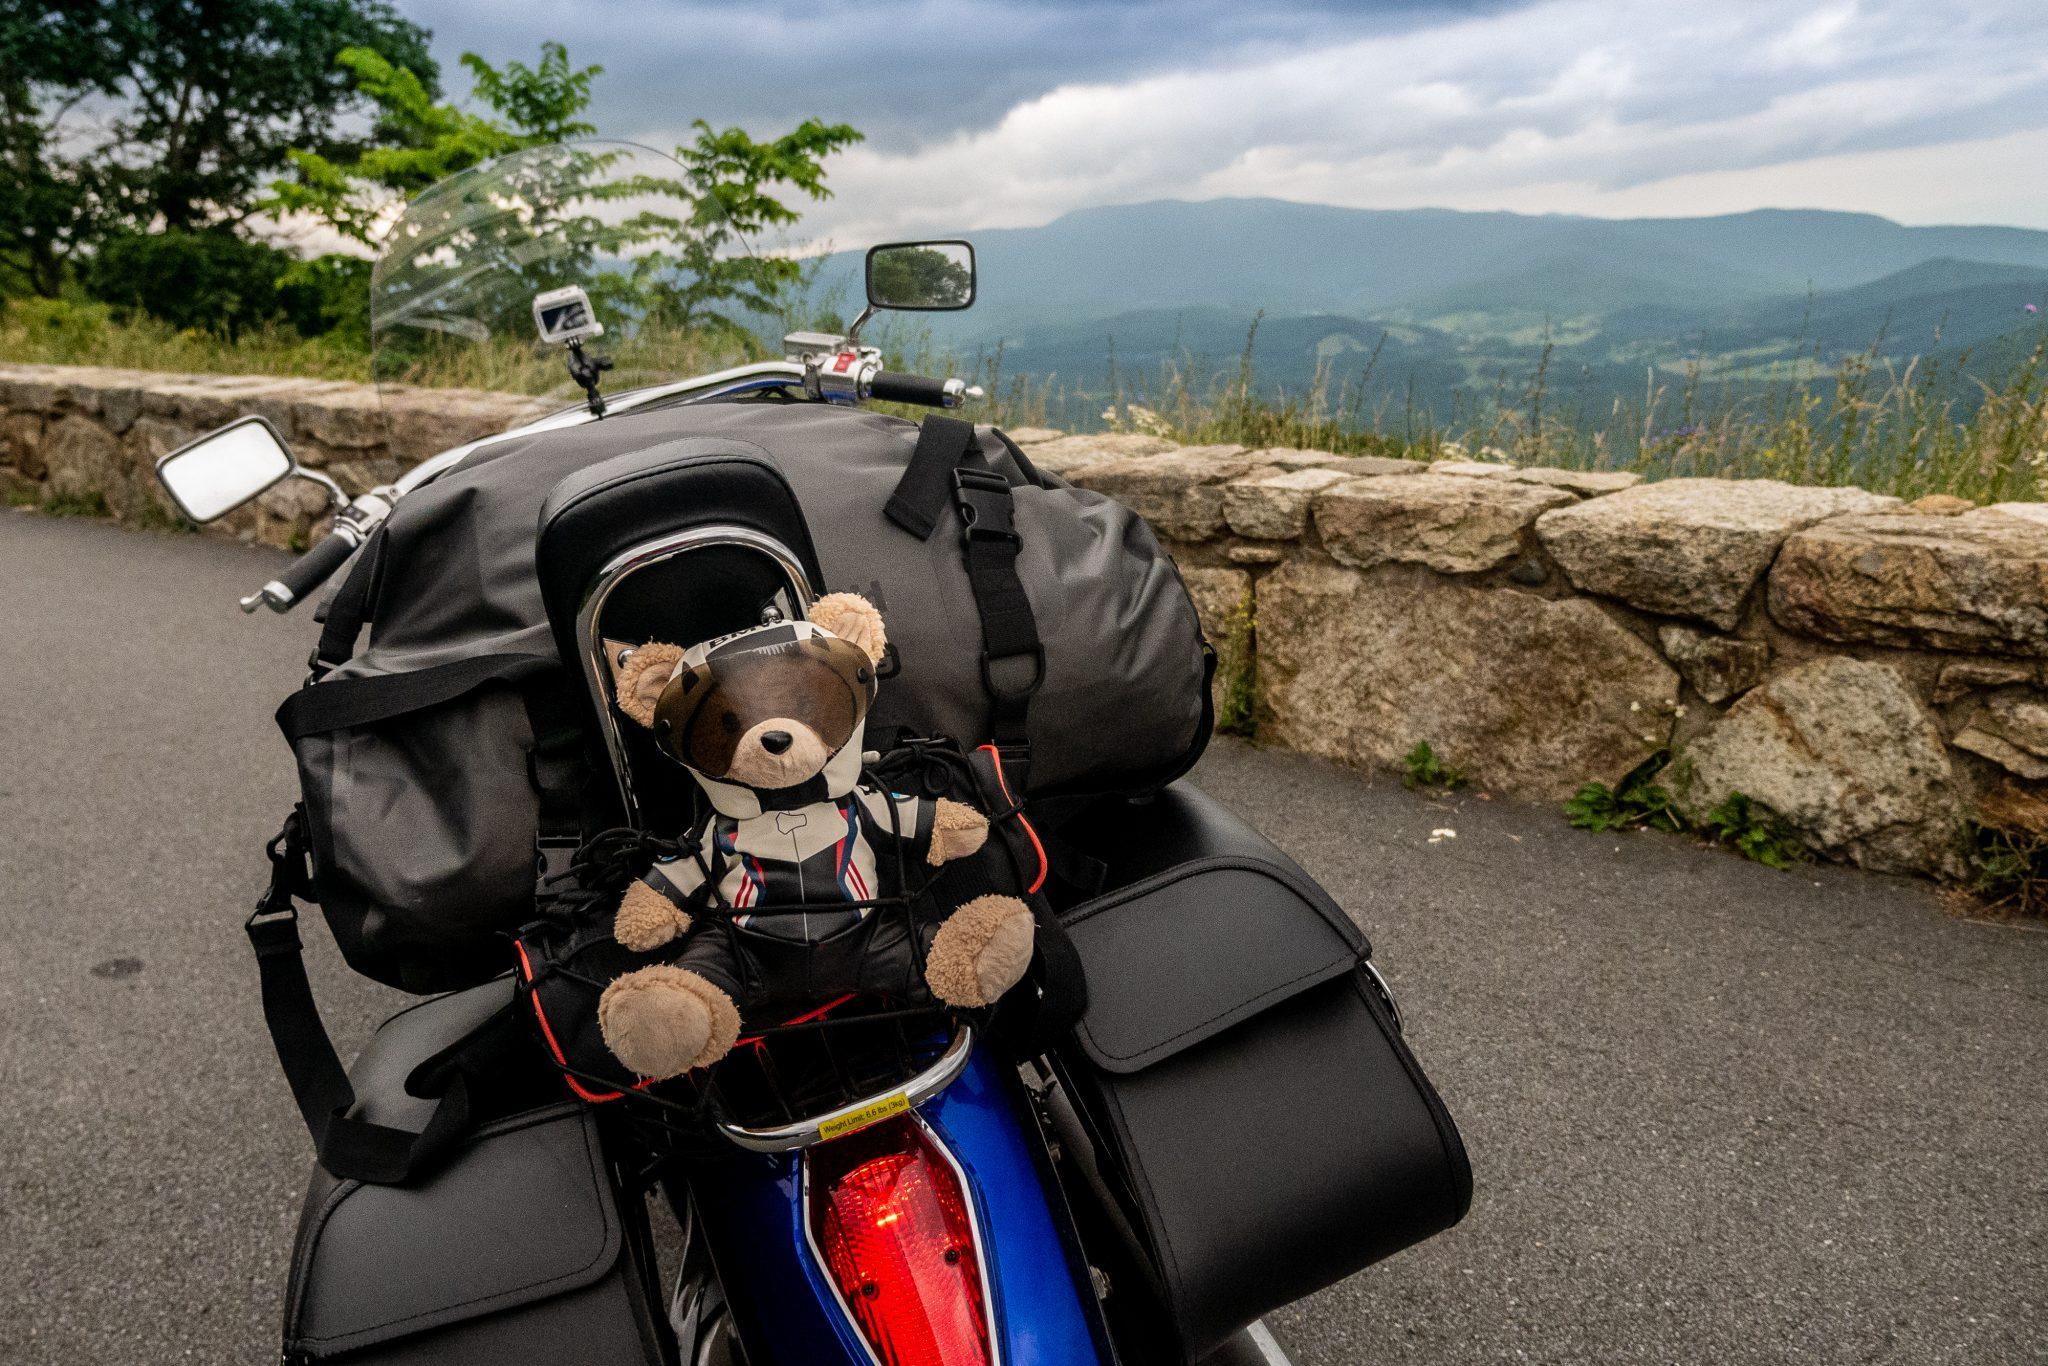 Motocykl – już w podróży po spakowaniu :)